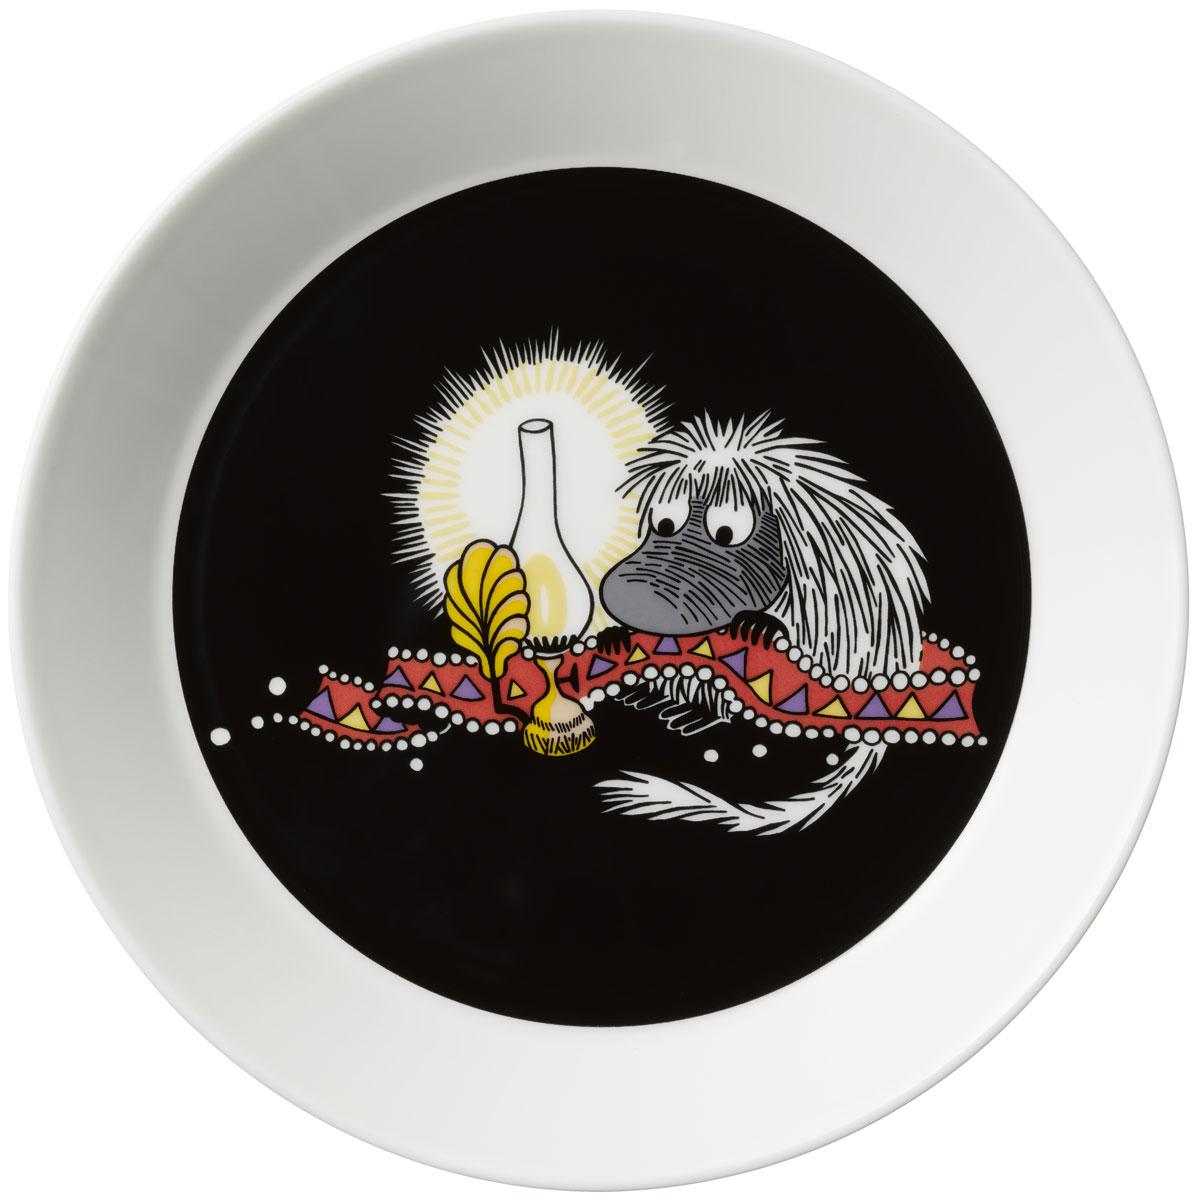 Тарелка Arabia Finland Предок, цвет: черный, диаметр 19 см1019854